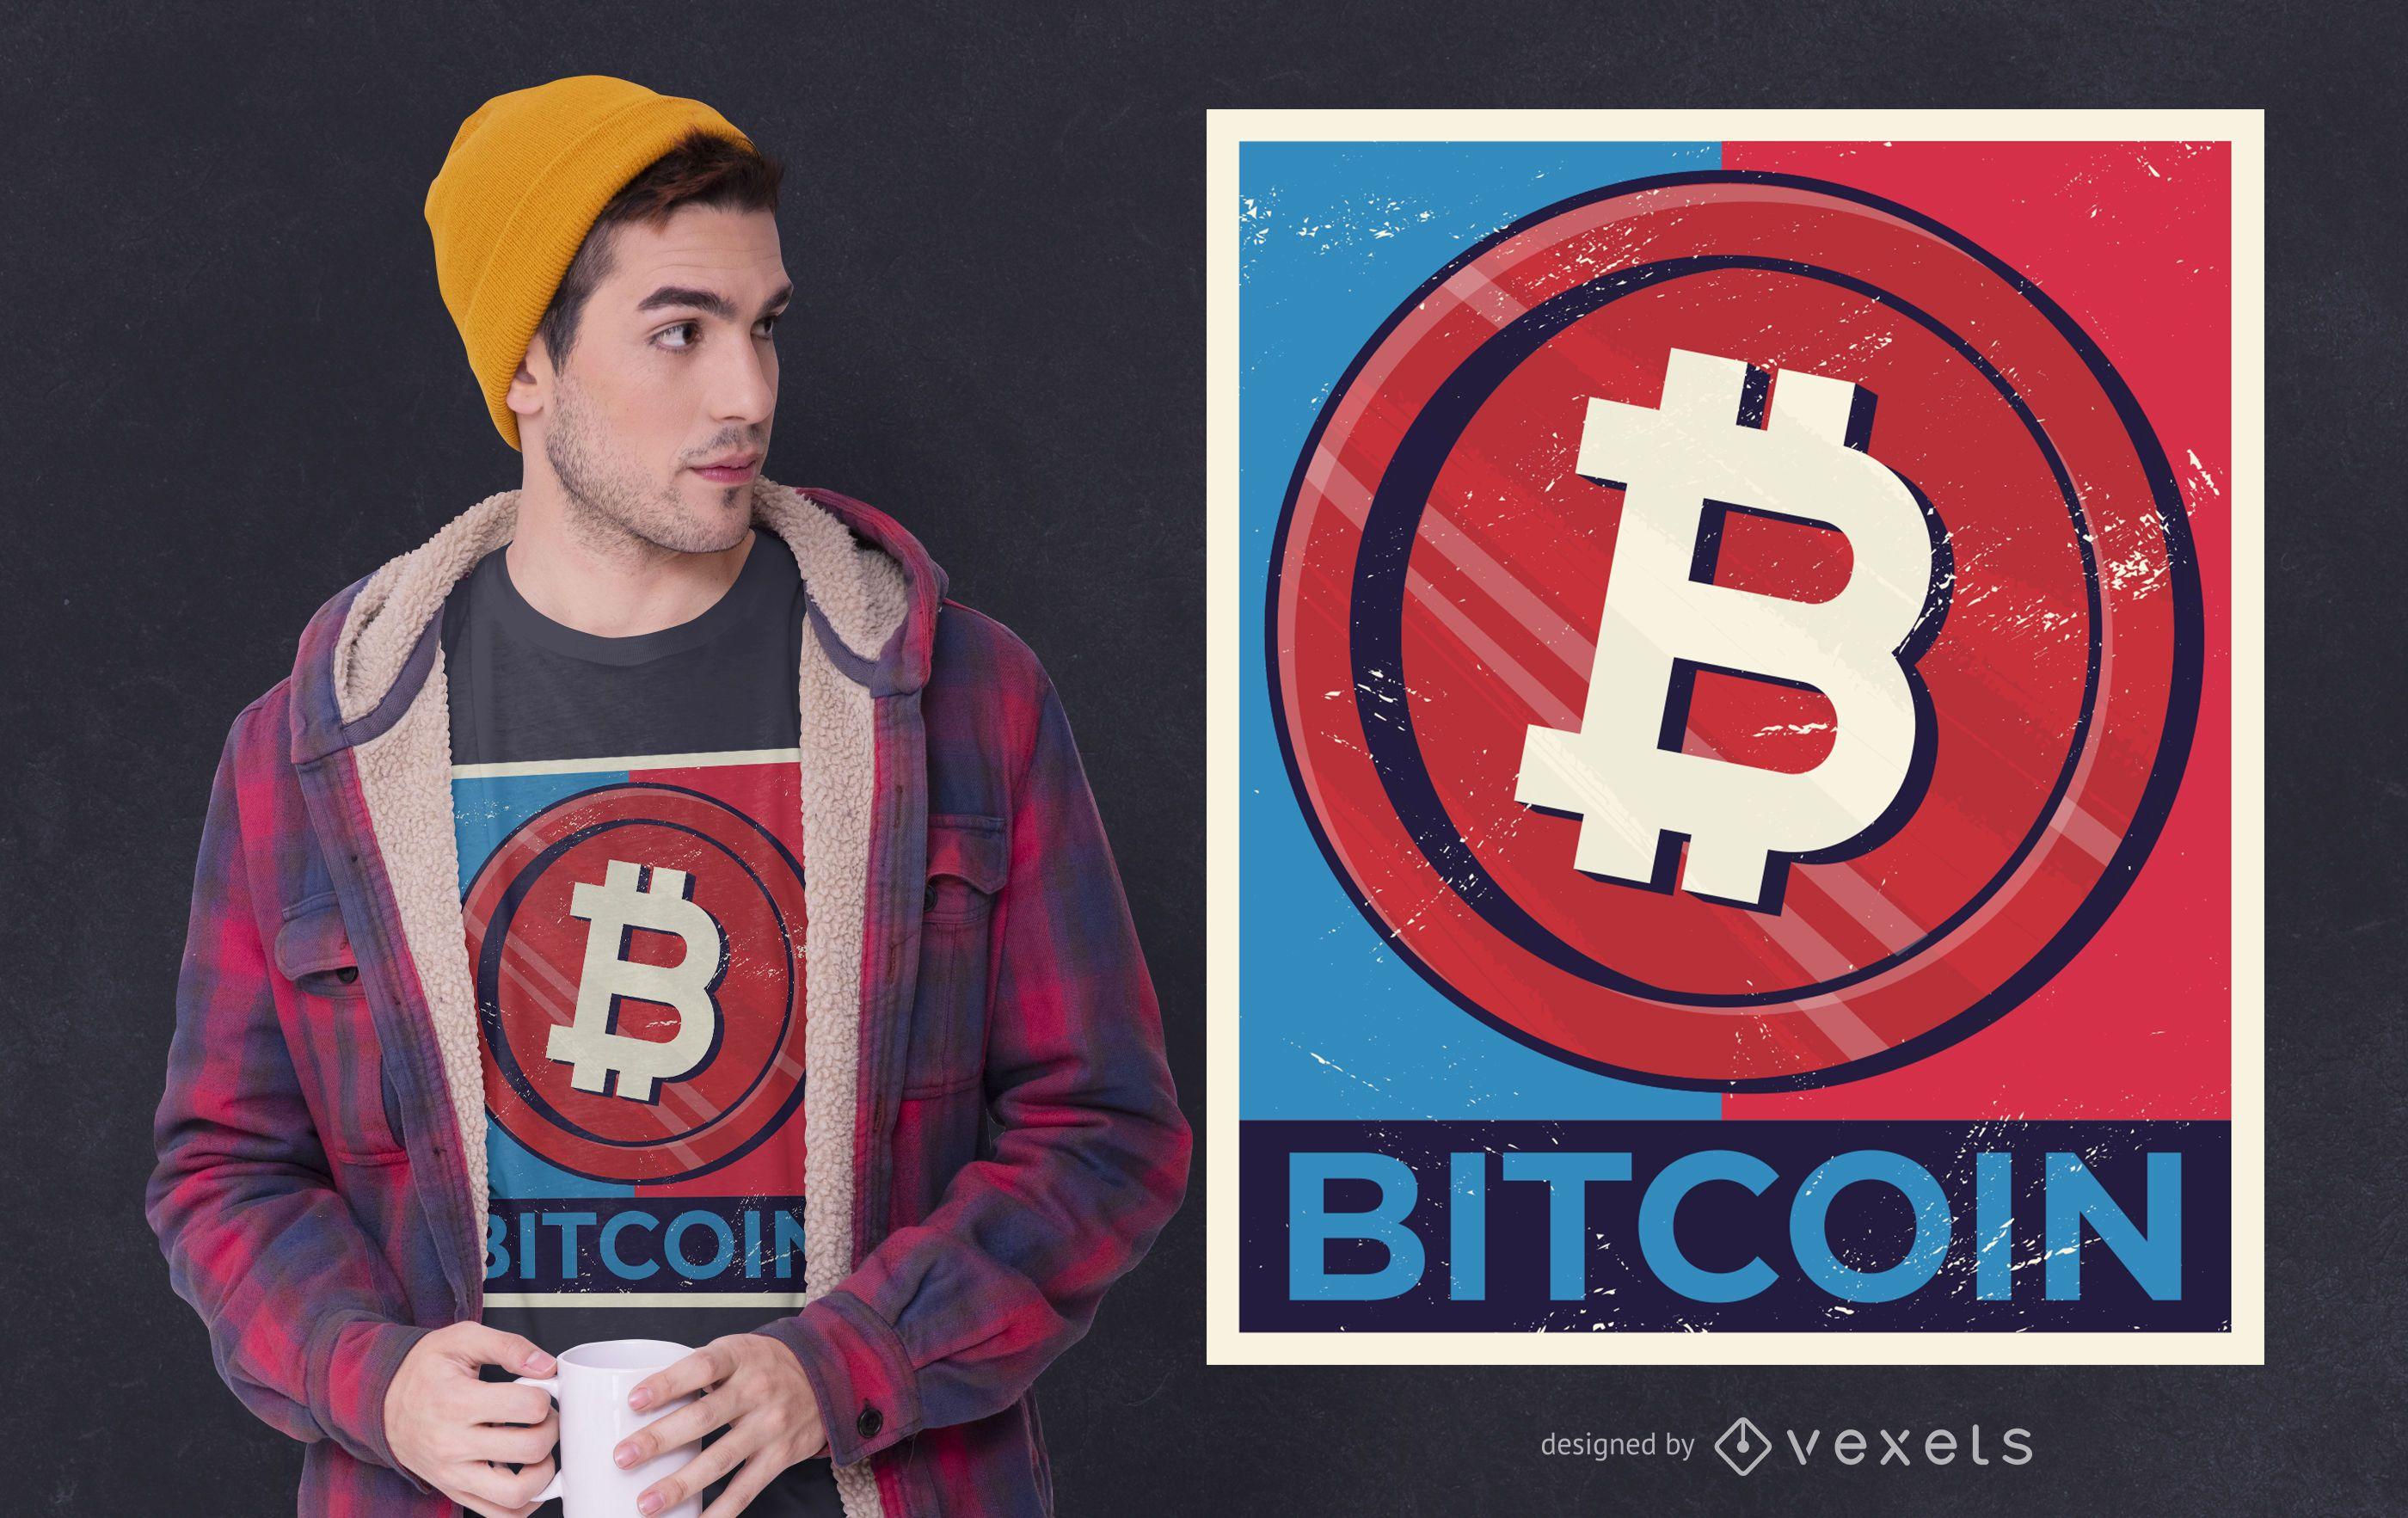 Bitcoin Coin T-shirt Design